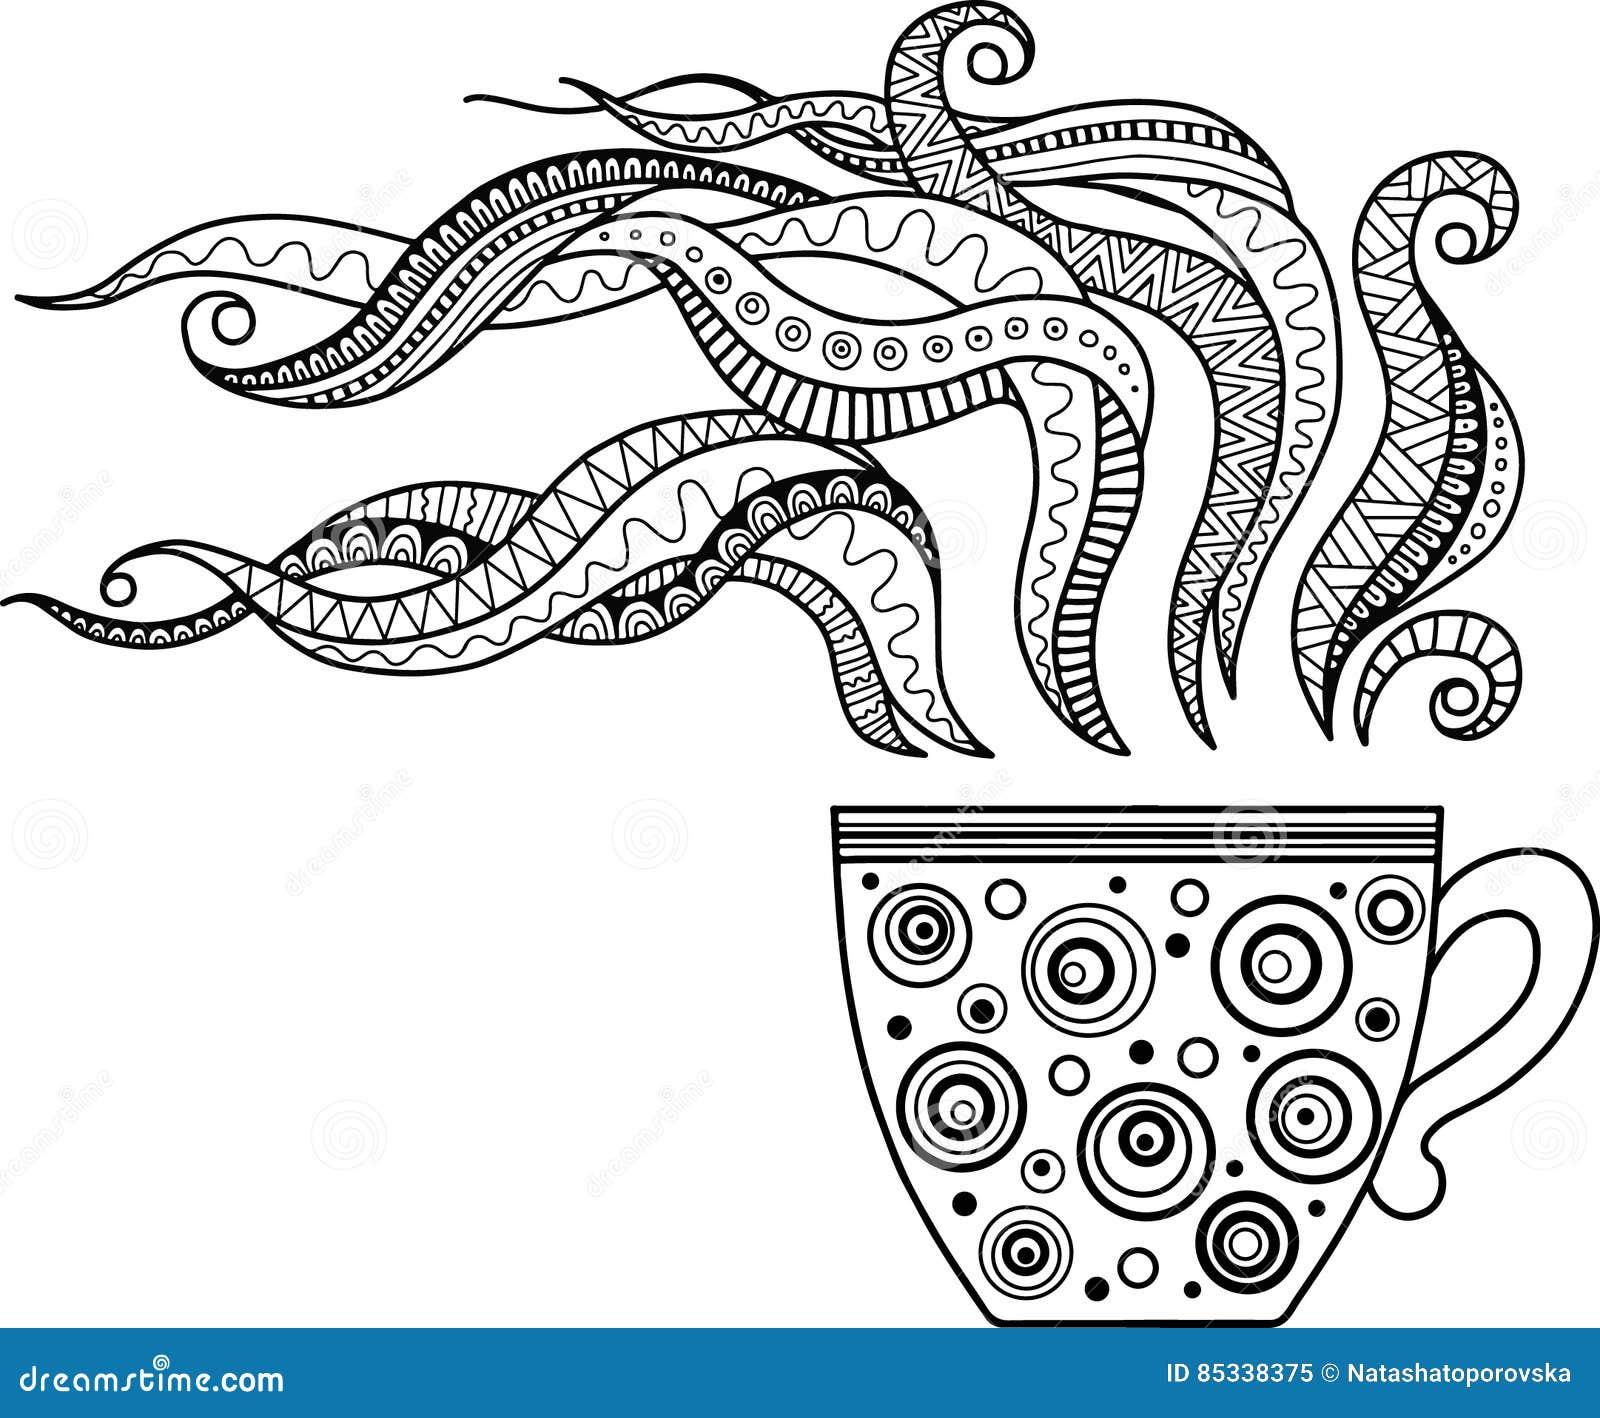 чашка травяного чая и кофе на хороший день книжка раскраска